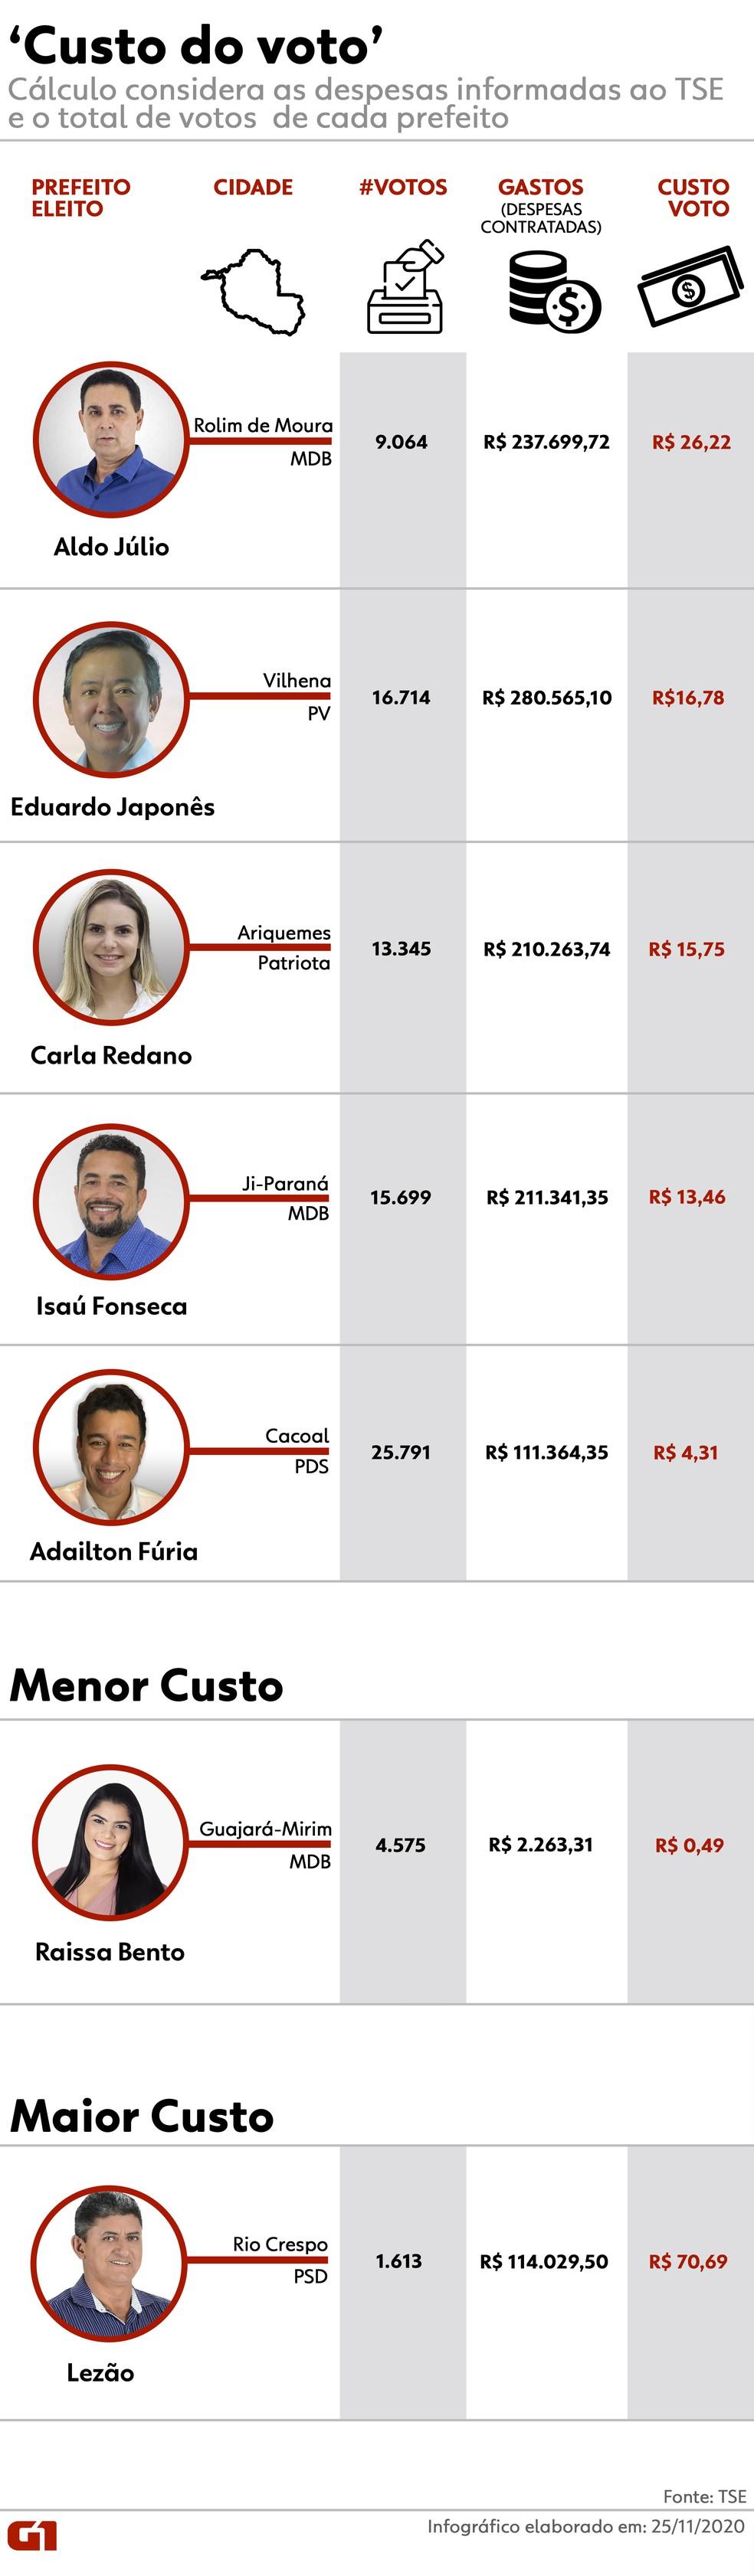 Infográfico mostra o 'custo do voto' de prefeitos eleitos no primeiro turno em RO — Foto: Thais Nauara/G1